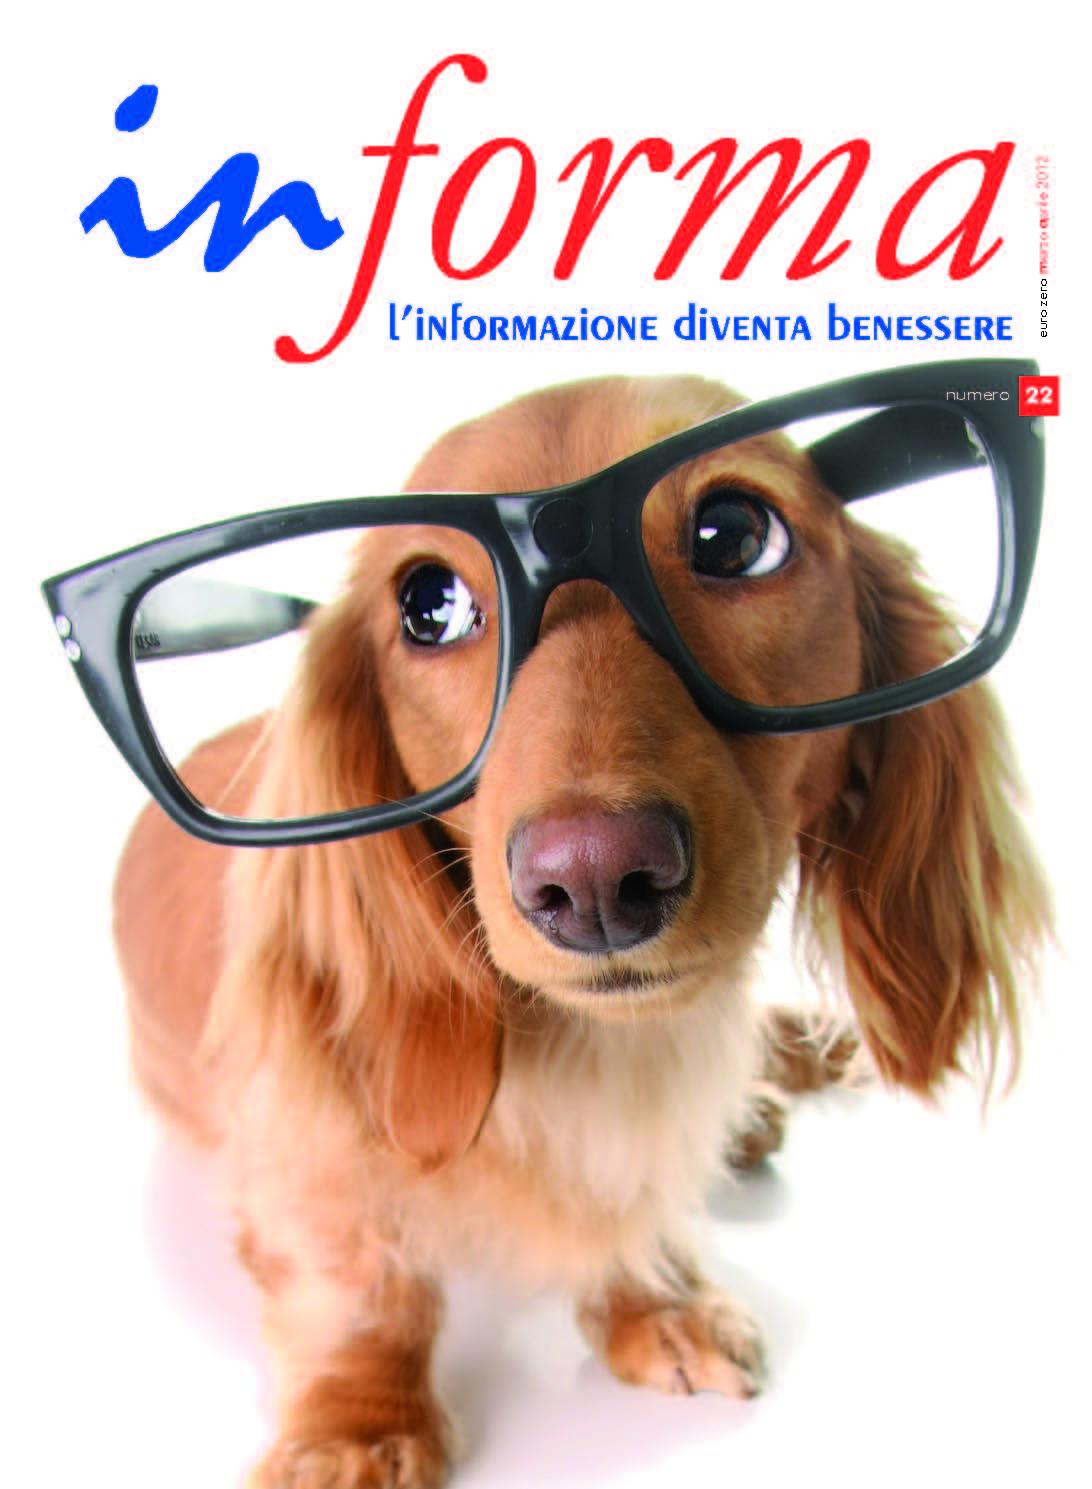 La copertina rappresenta su uno sfondo bianco in primo piano un cane marrone con il muso allungato su cui poggiano un paglio di occhiali con montatura nera, che risultano molto piu' grandi del muso del cane